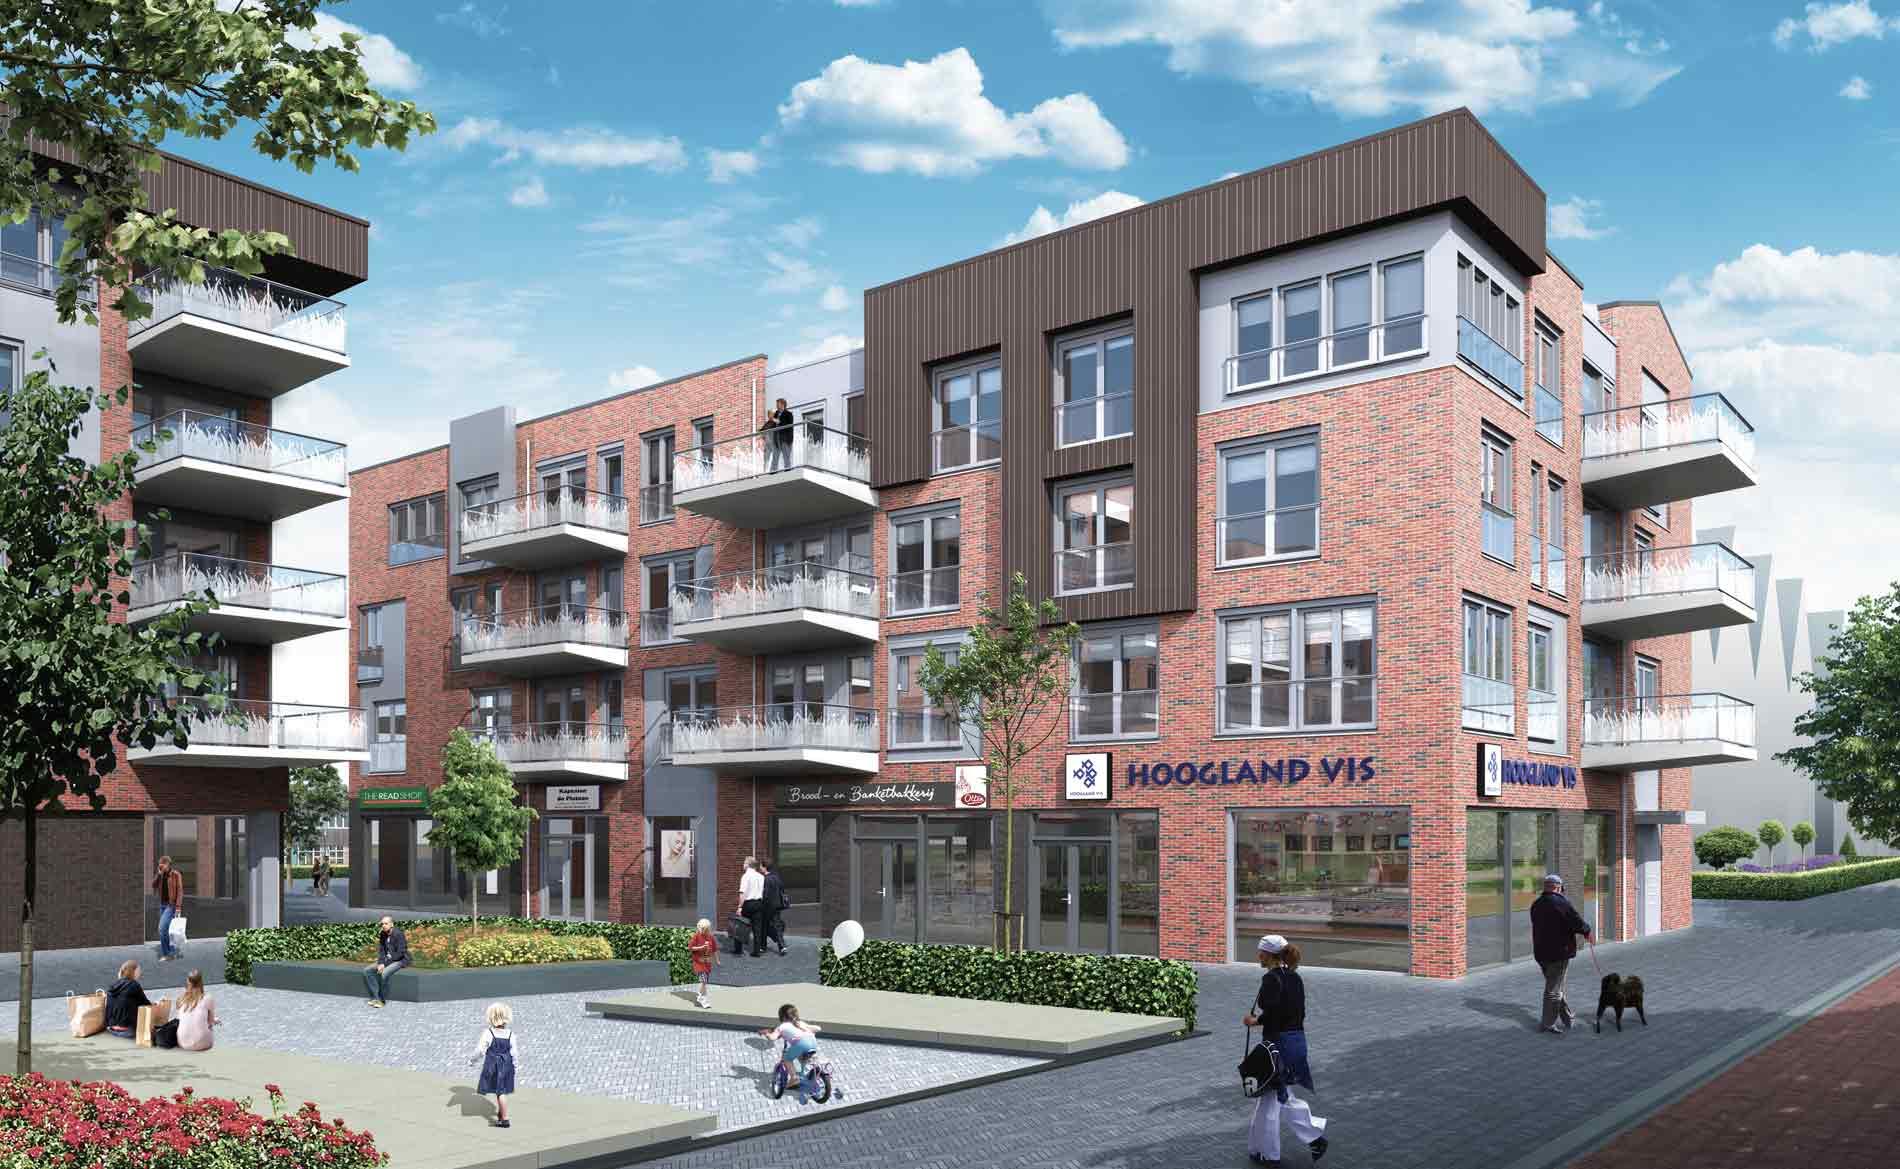 architect appartementen supermarkt Deen woningbouw Bangert Oosterpolder Zwaag Hoorn Grootslag BBHD architecten